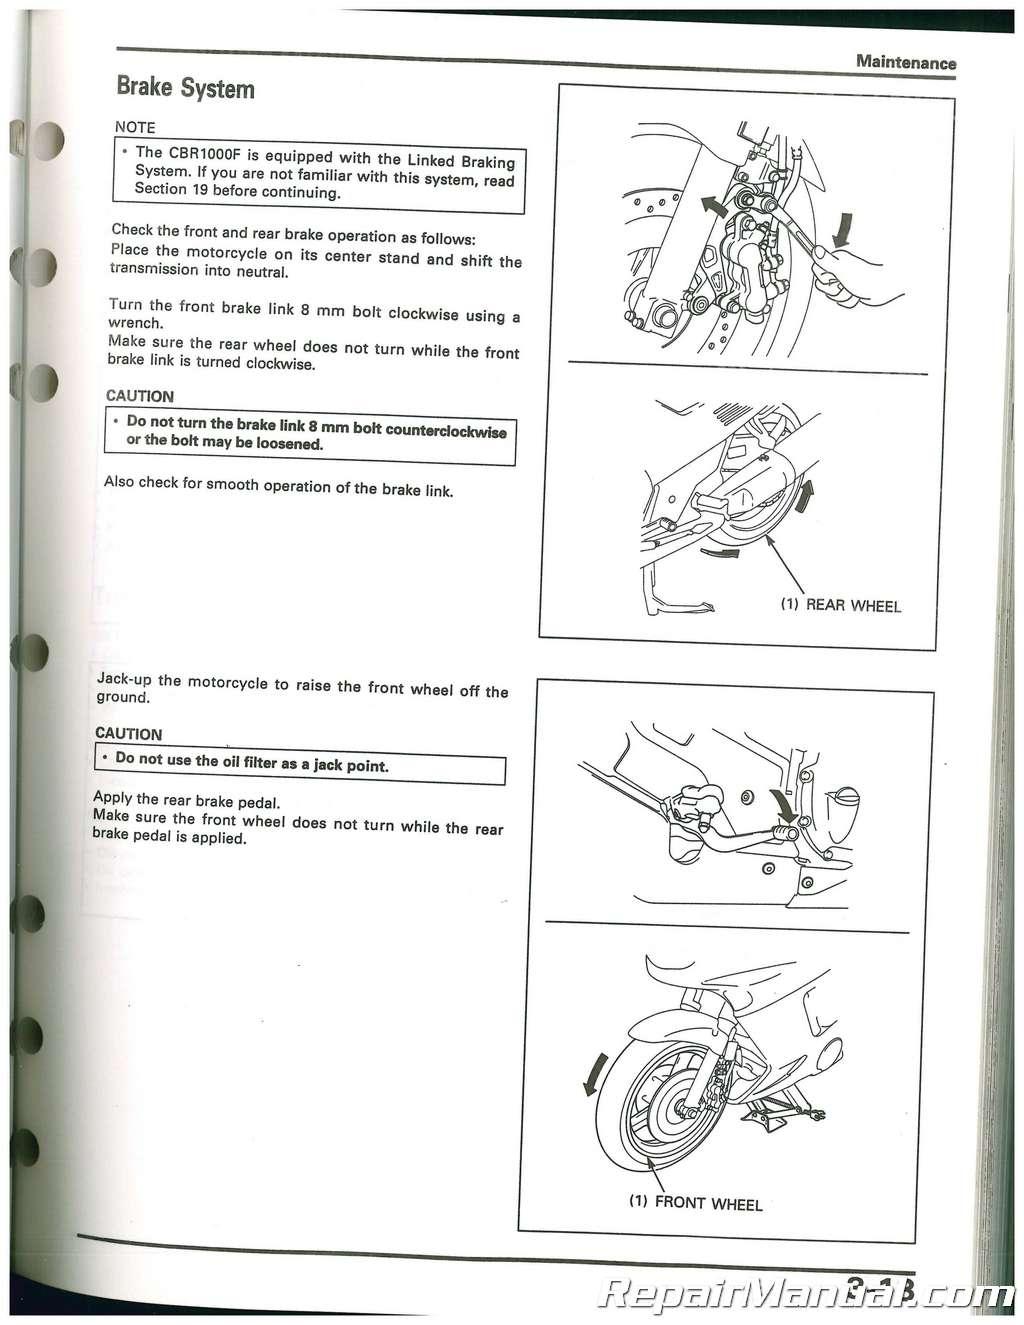 Honda cbr 1000f manuals.